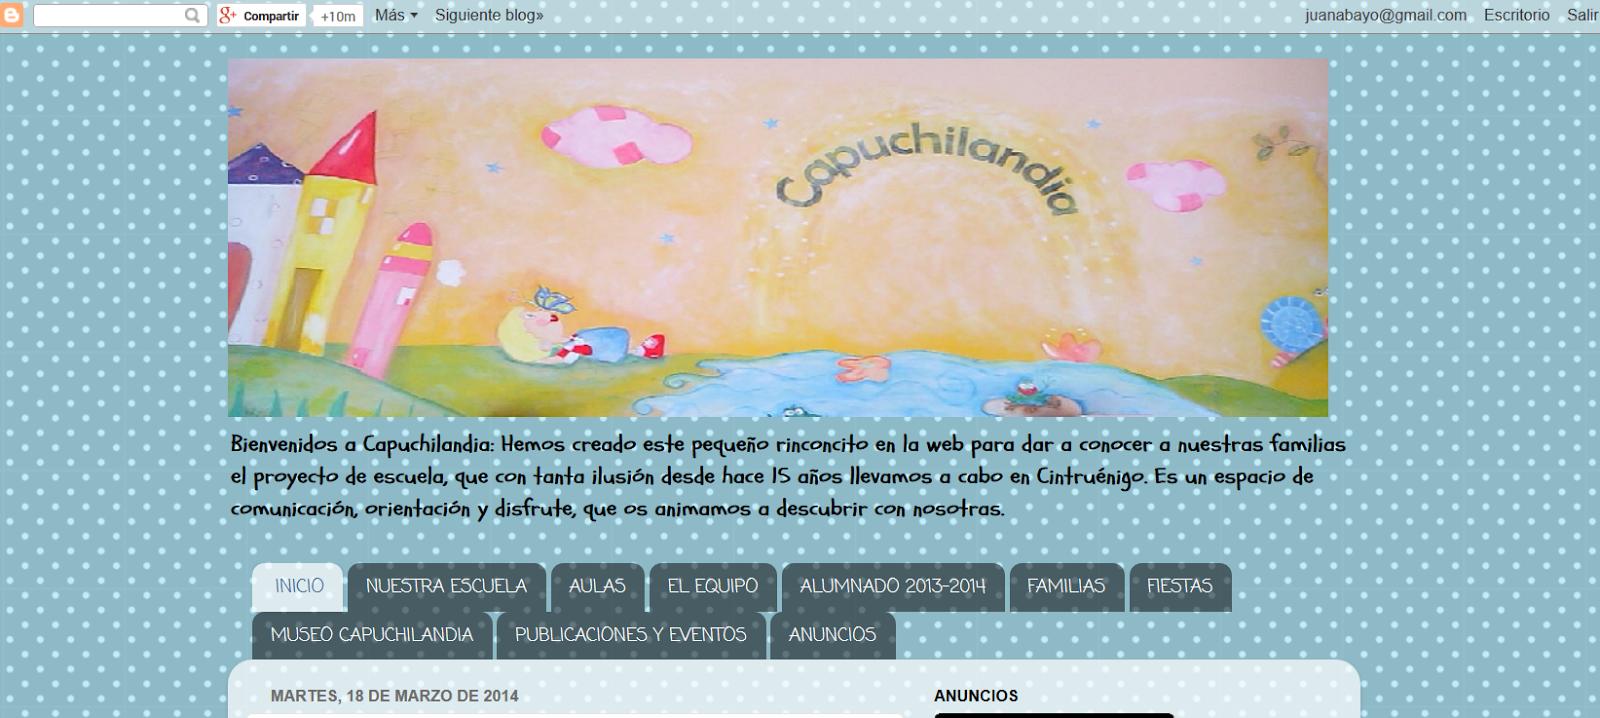 http://capuchilandia.blogspot.com.es/